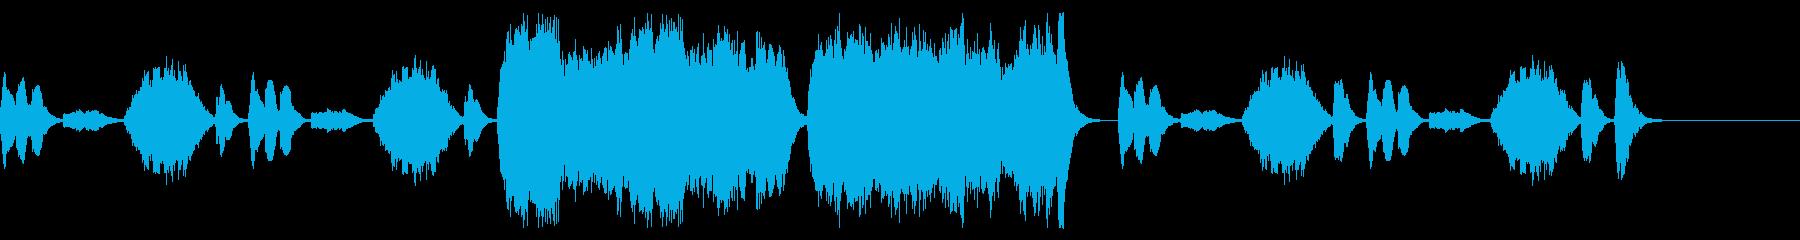 可愛らしくてほのぼのとした管弦楽BGMの再生済みの波形